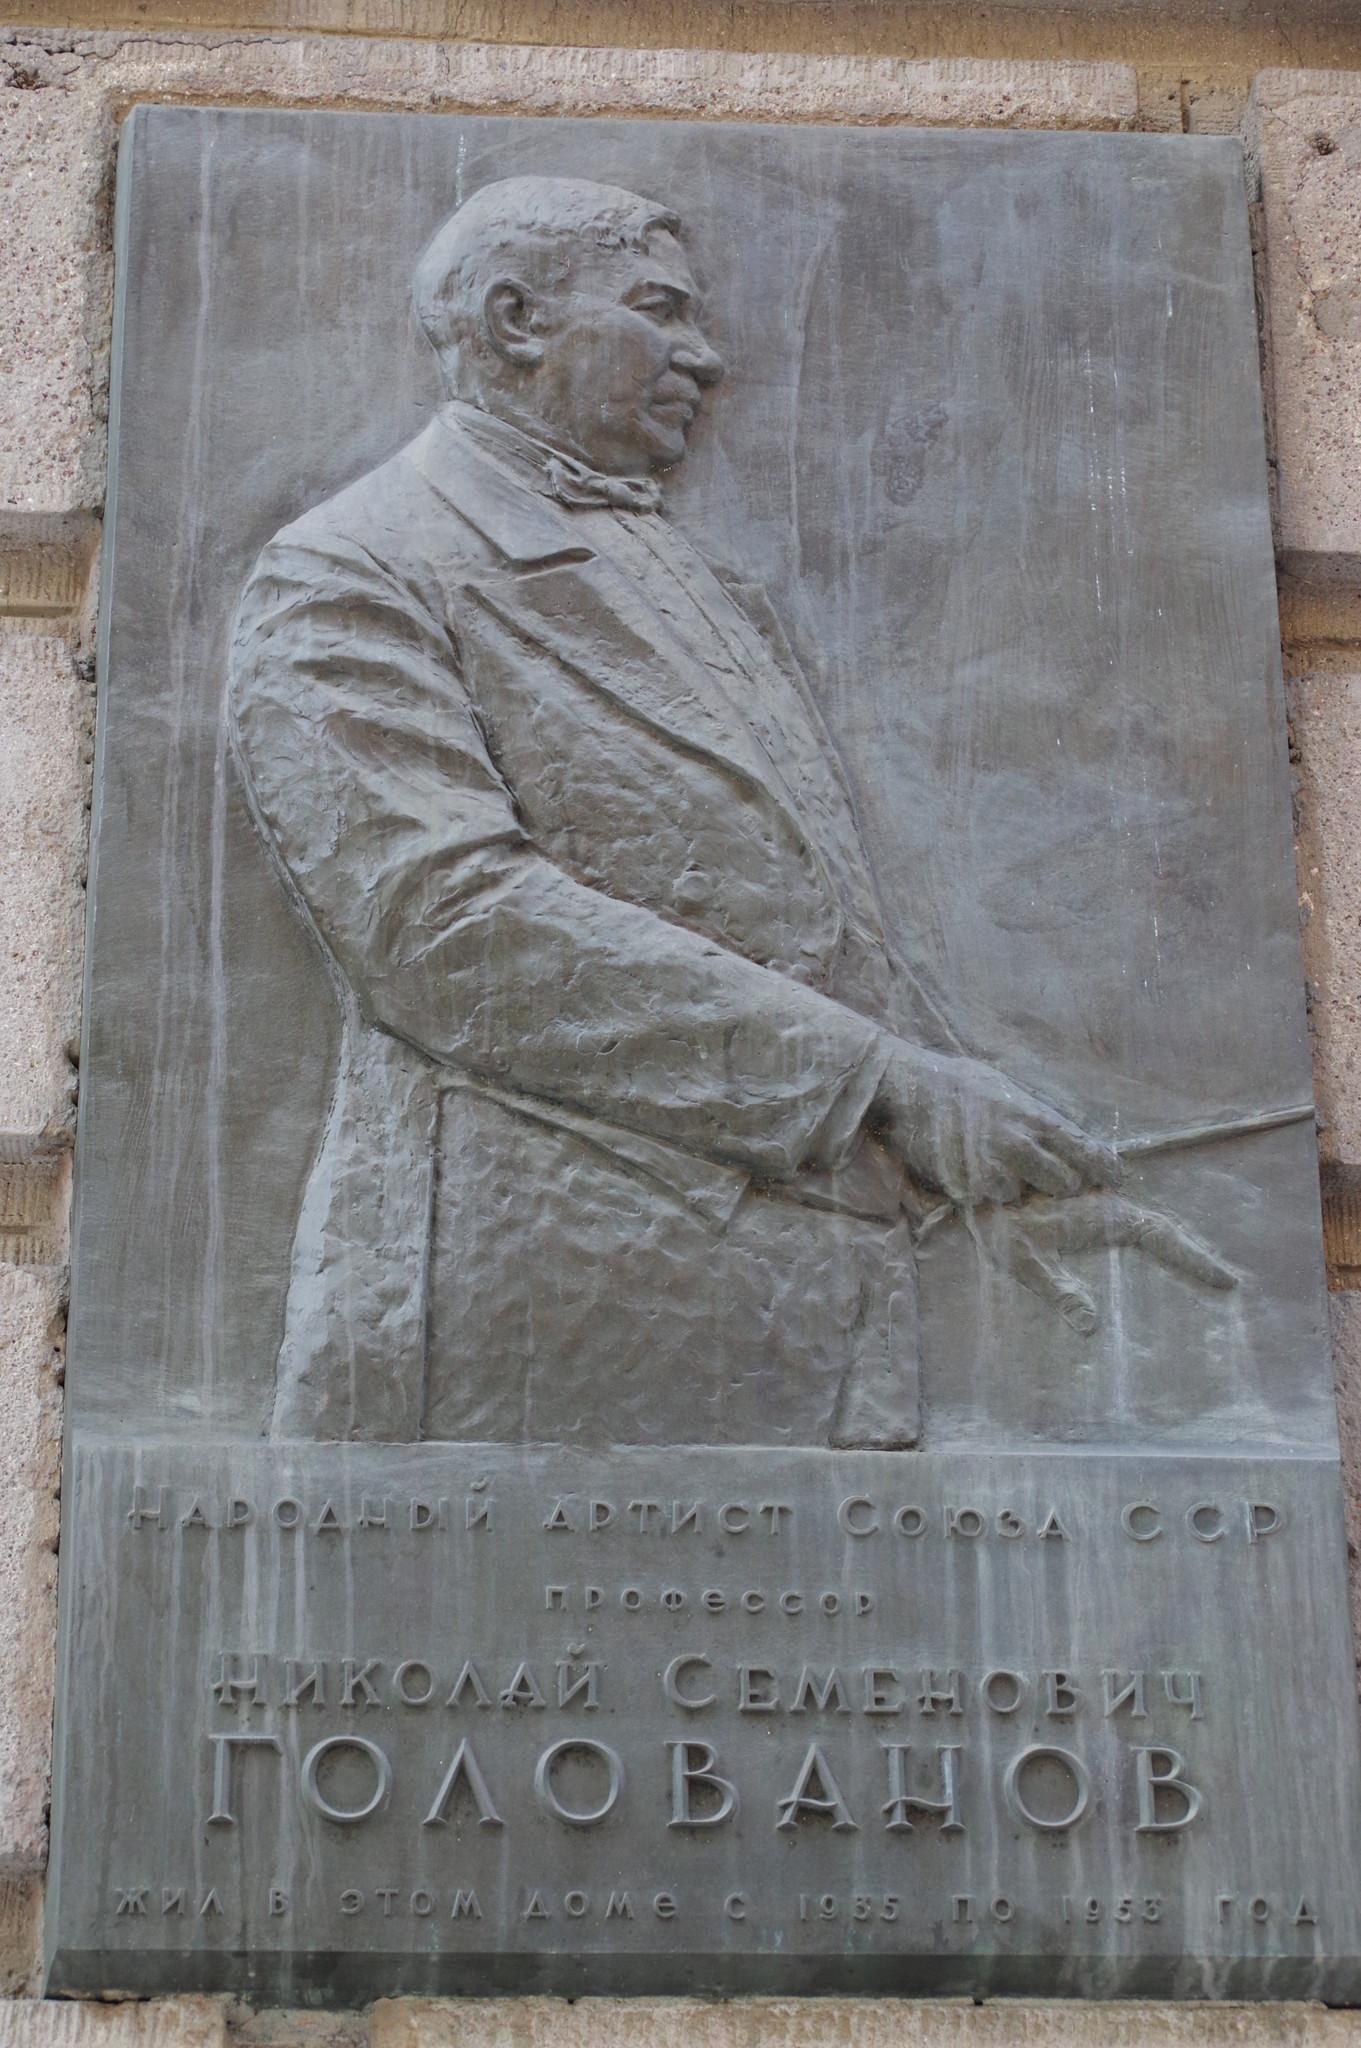 Мемориальная доска на доме (Брюсов переулок, дом 7) в котором с 1935 года по 1953 год жил Народный артист СССР Николай Семёнович Голованов